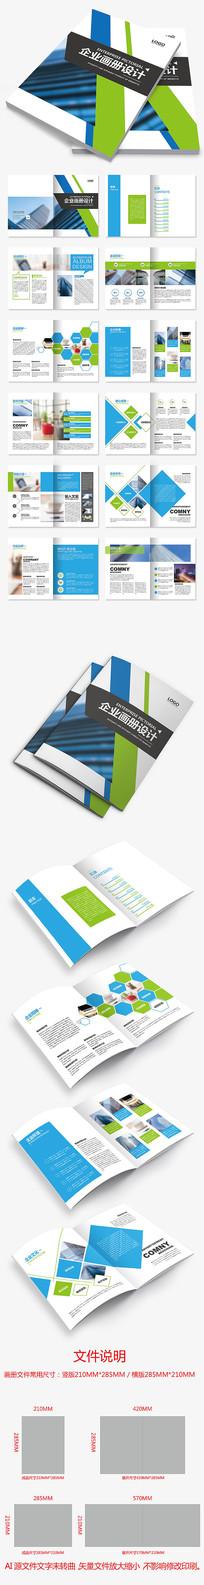 蓝绿色科技招商公司宣传册企业画册设计模板